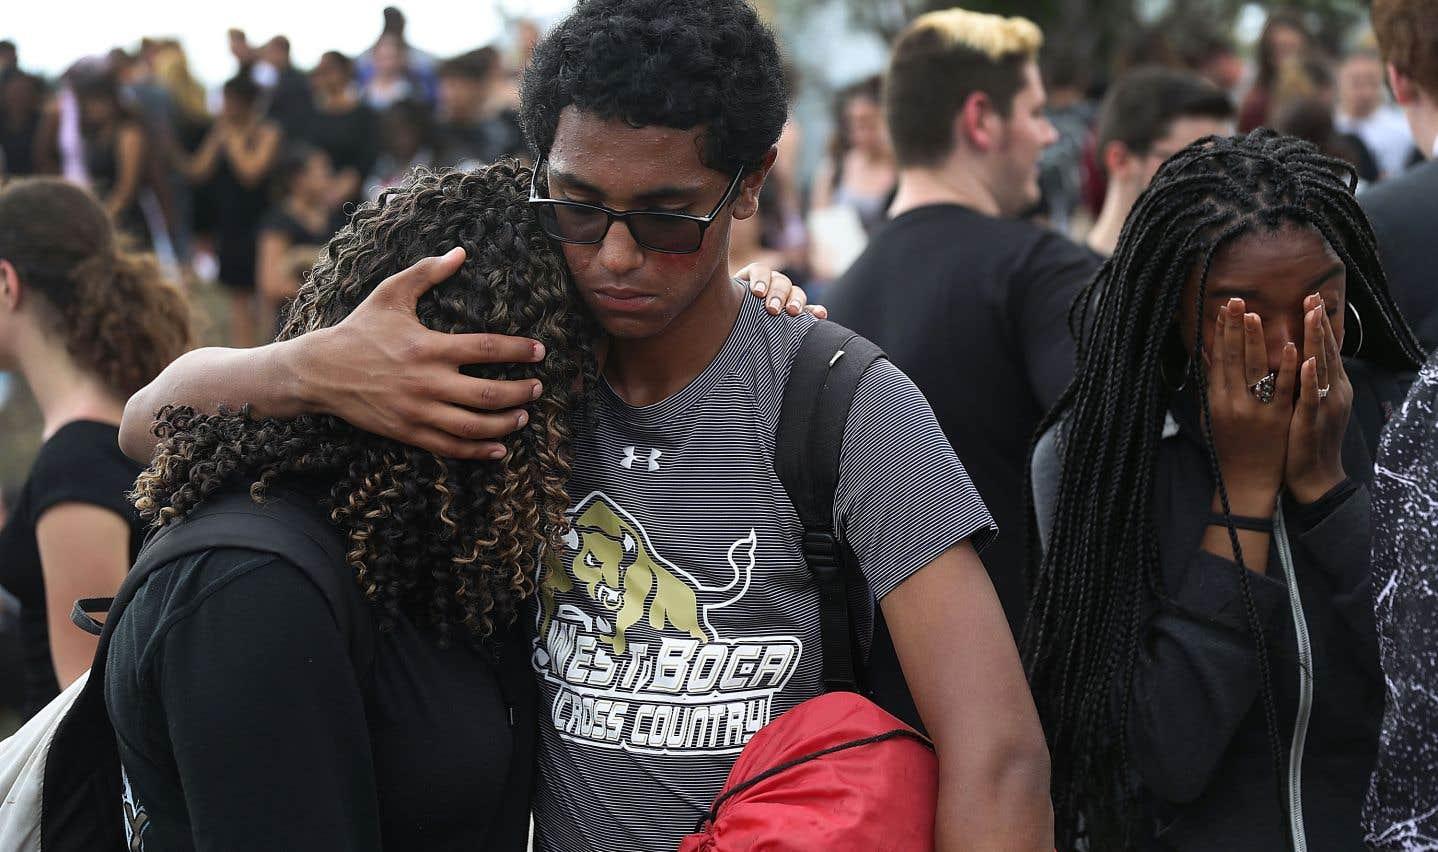 Des élèves de l'école secondaire West Boca ont marché, mardi, en souvenir des victimes de la tuerie survenue la semaine dernière à l'école Marjory Stoneman Douglas et pour demander au gouvernement de légiférer en matière d'armement.